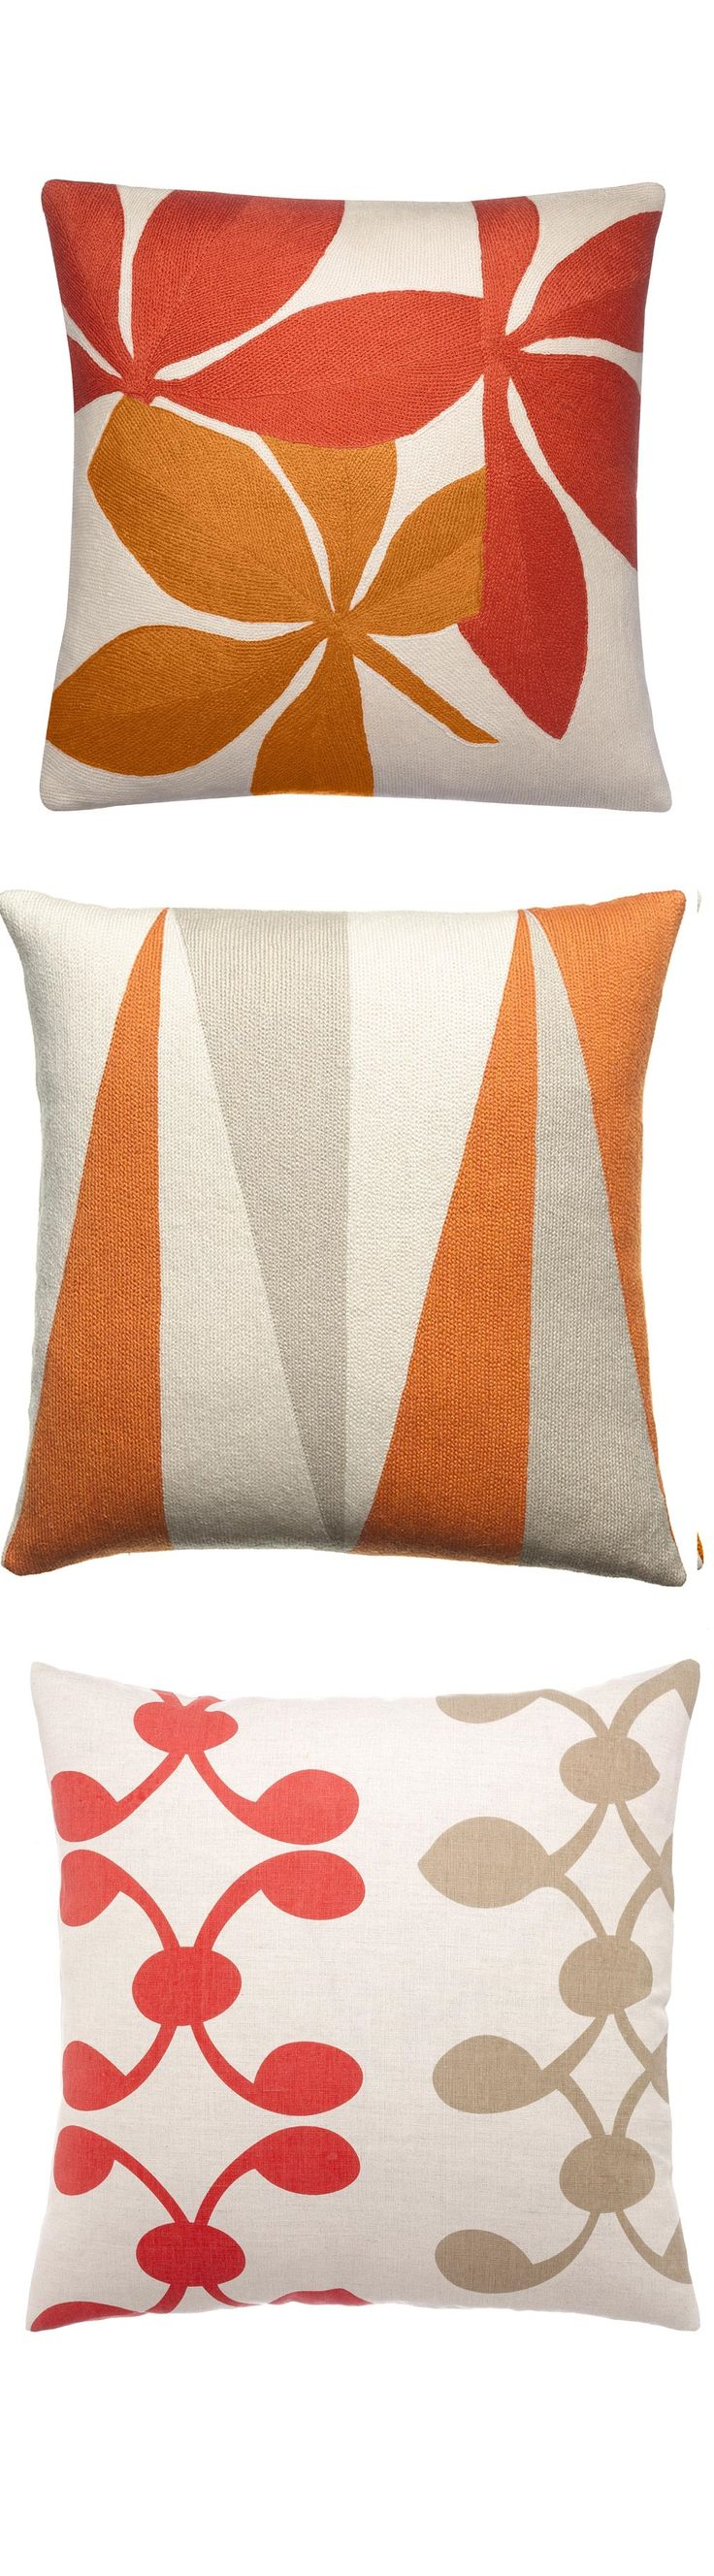 Orange Sofa Pillows Tangga Orange Throw Pillow 20x20 - TheSofa